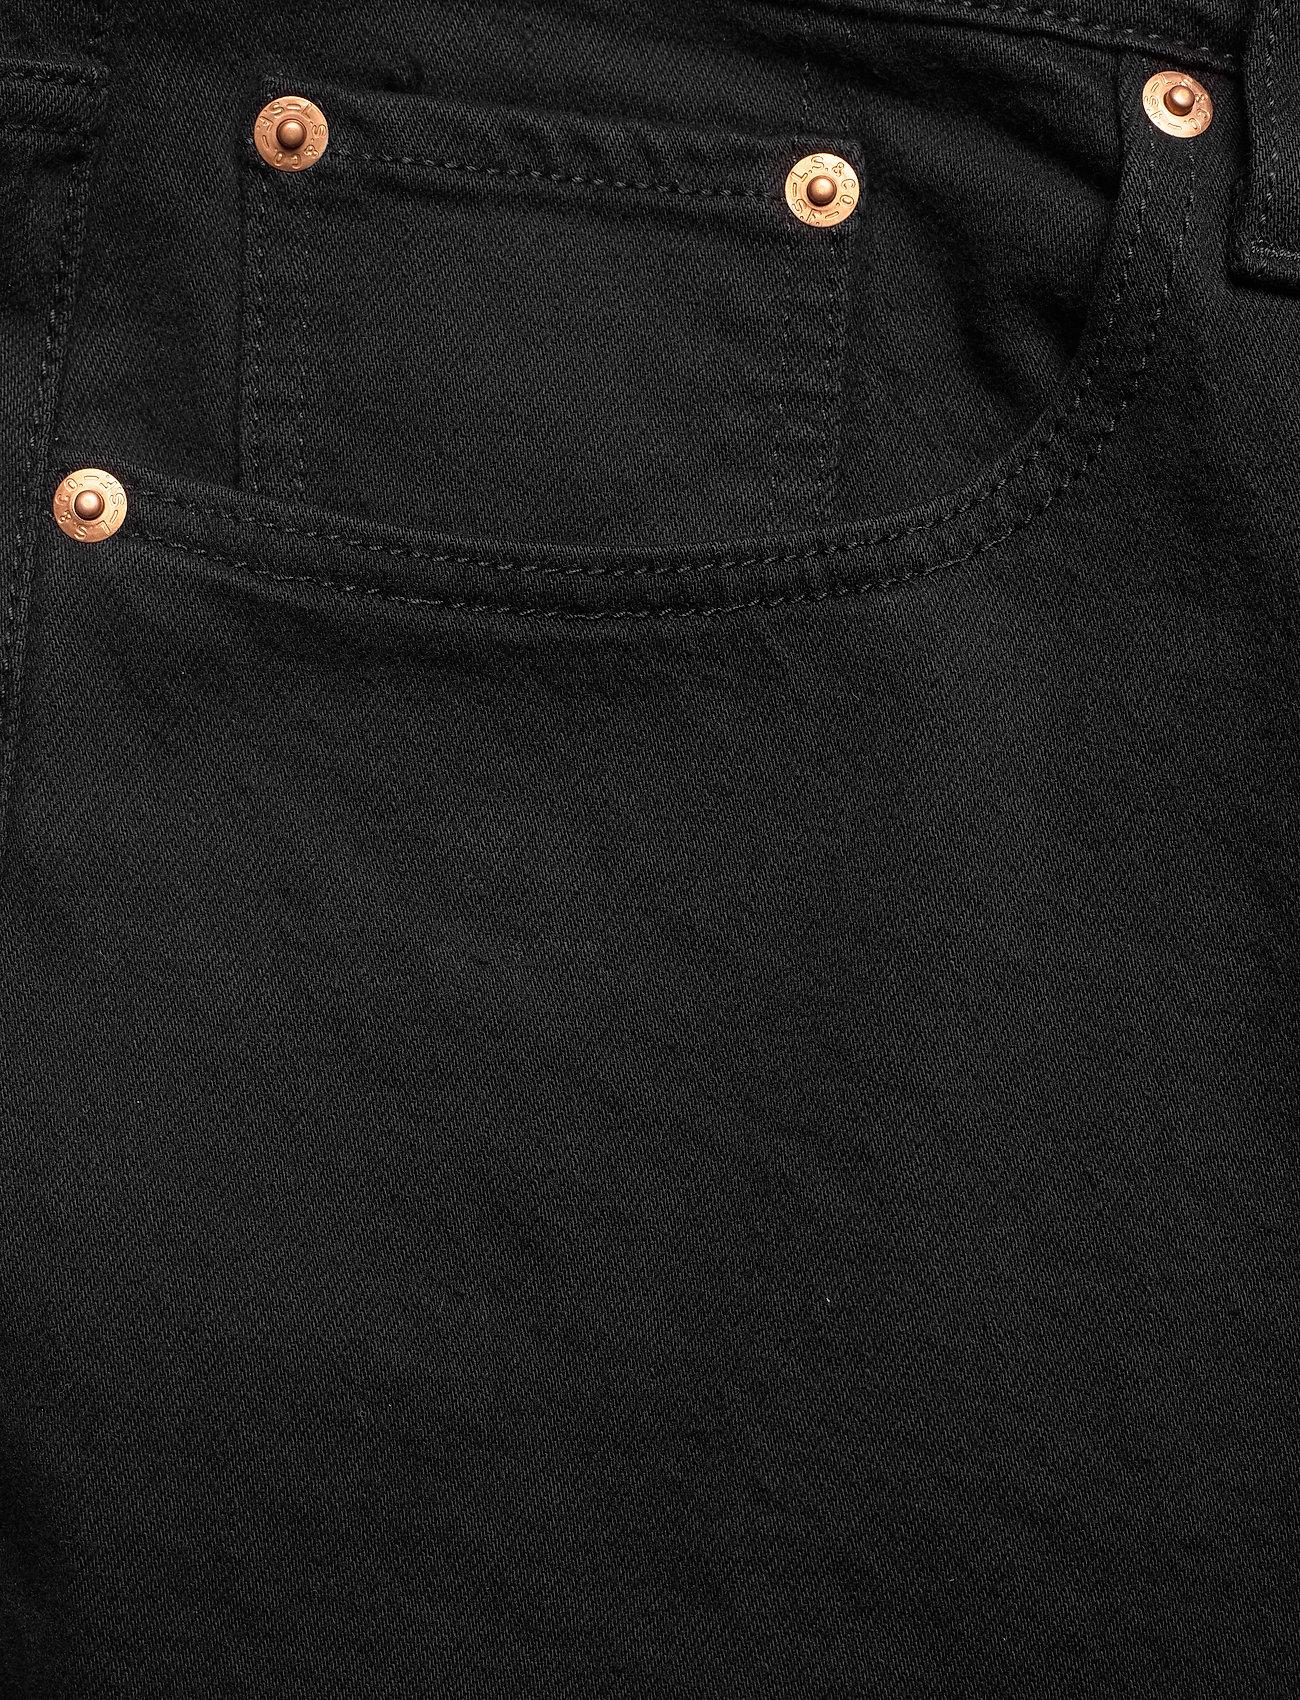 Levi's Plus Size - PL RIBCAGE STRAIGHT ANK BLACK - raka jeans - blacks - 2